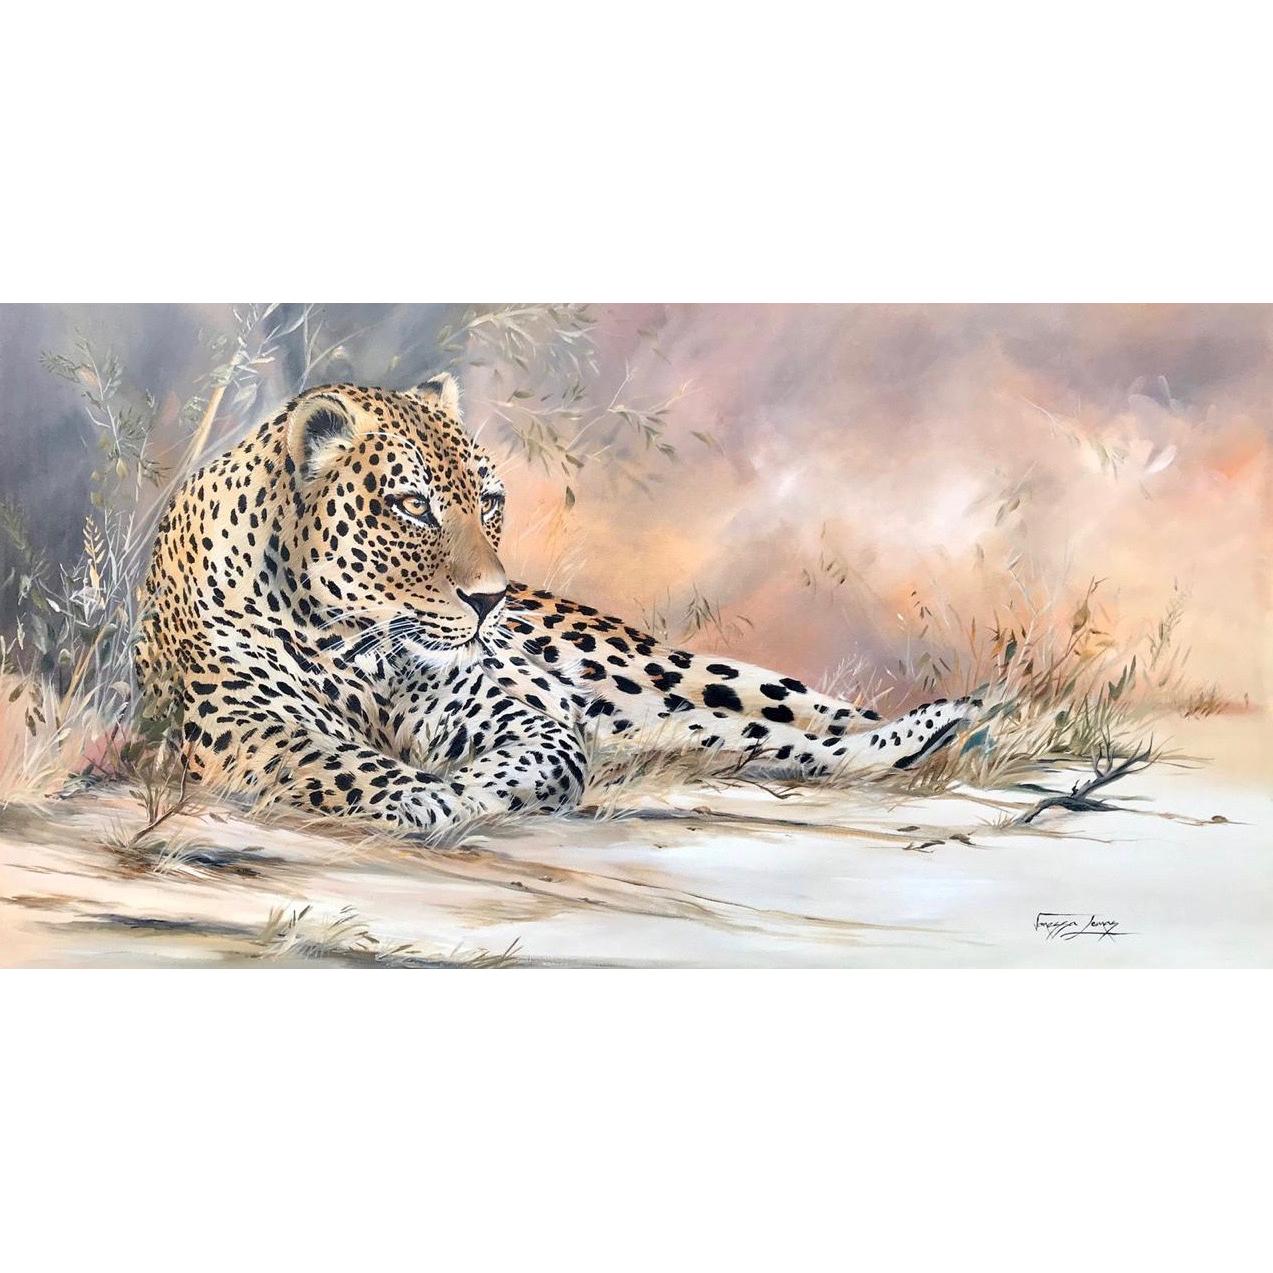 Vanessa Lomas schilderij 'Focus'